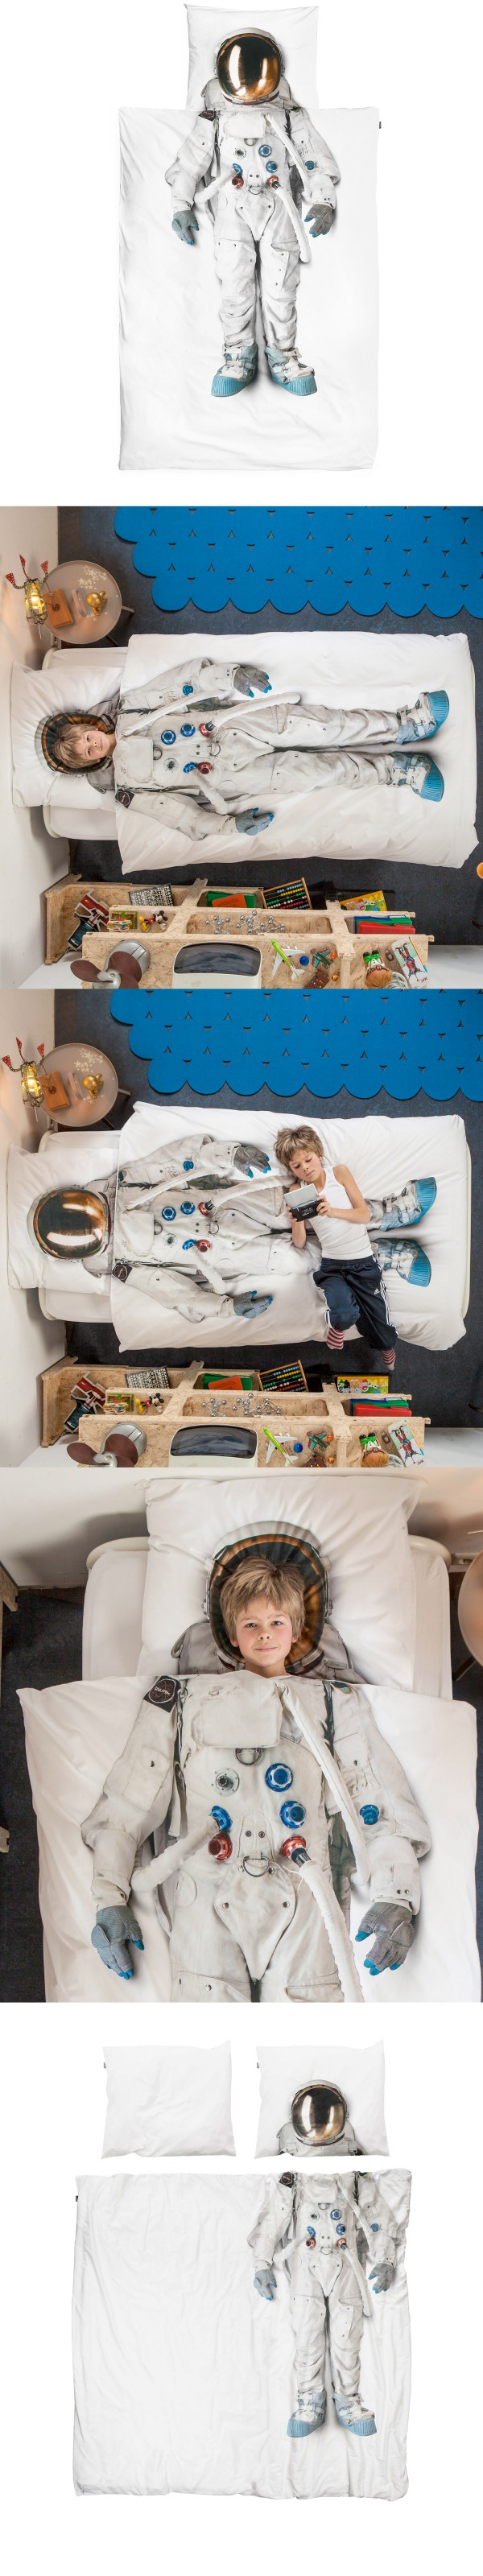 La cama de un astronauta